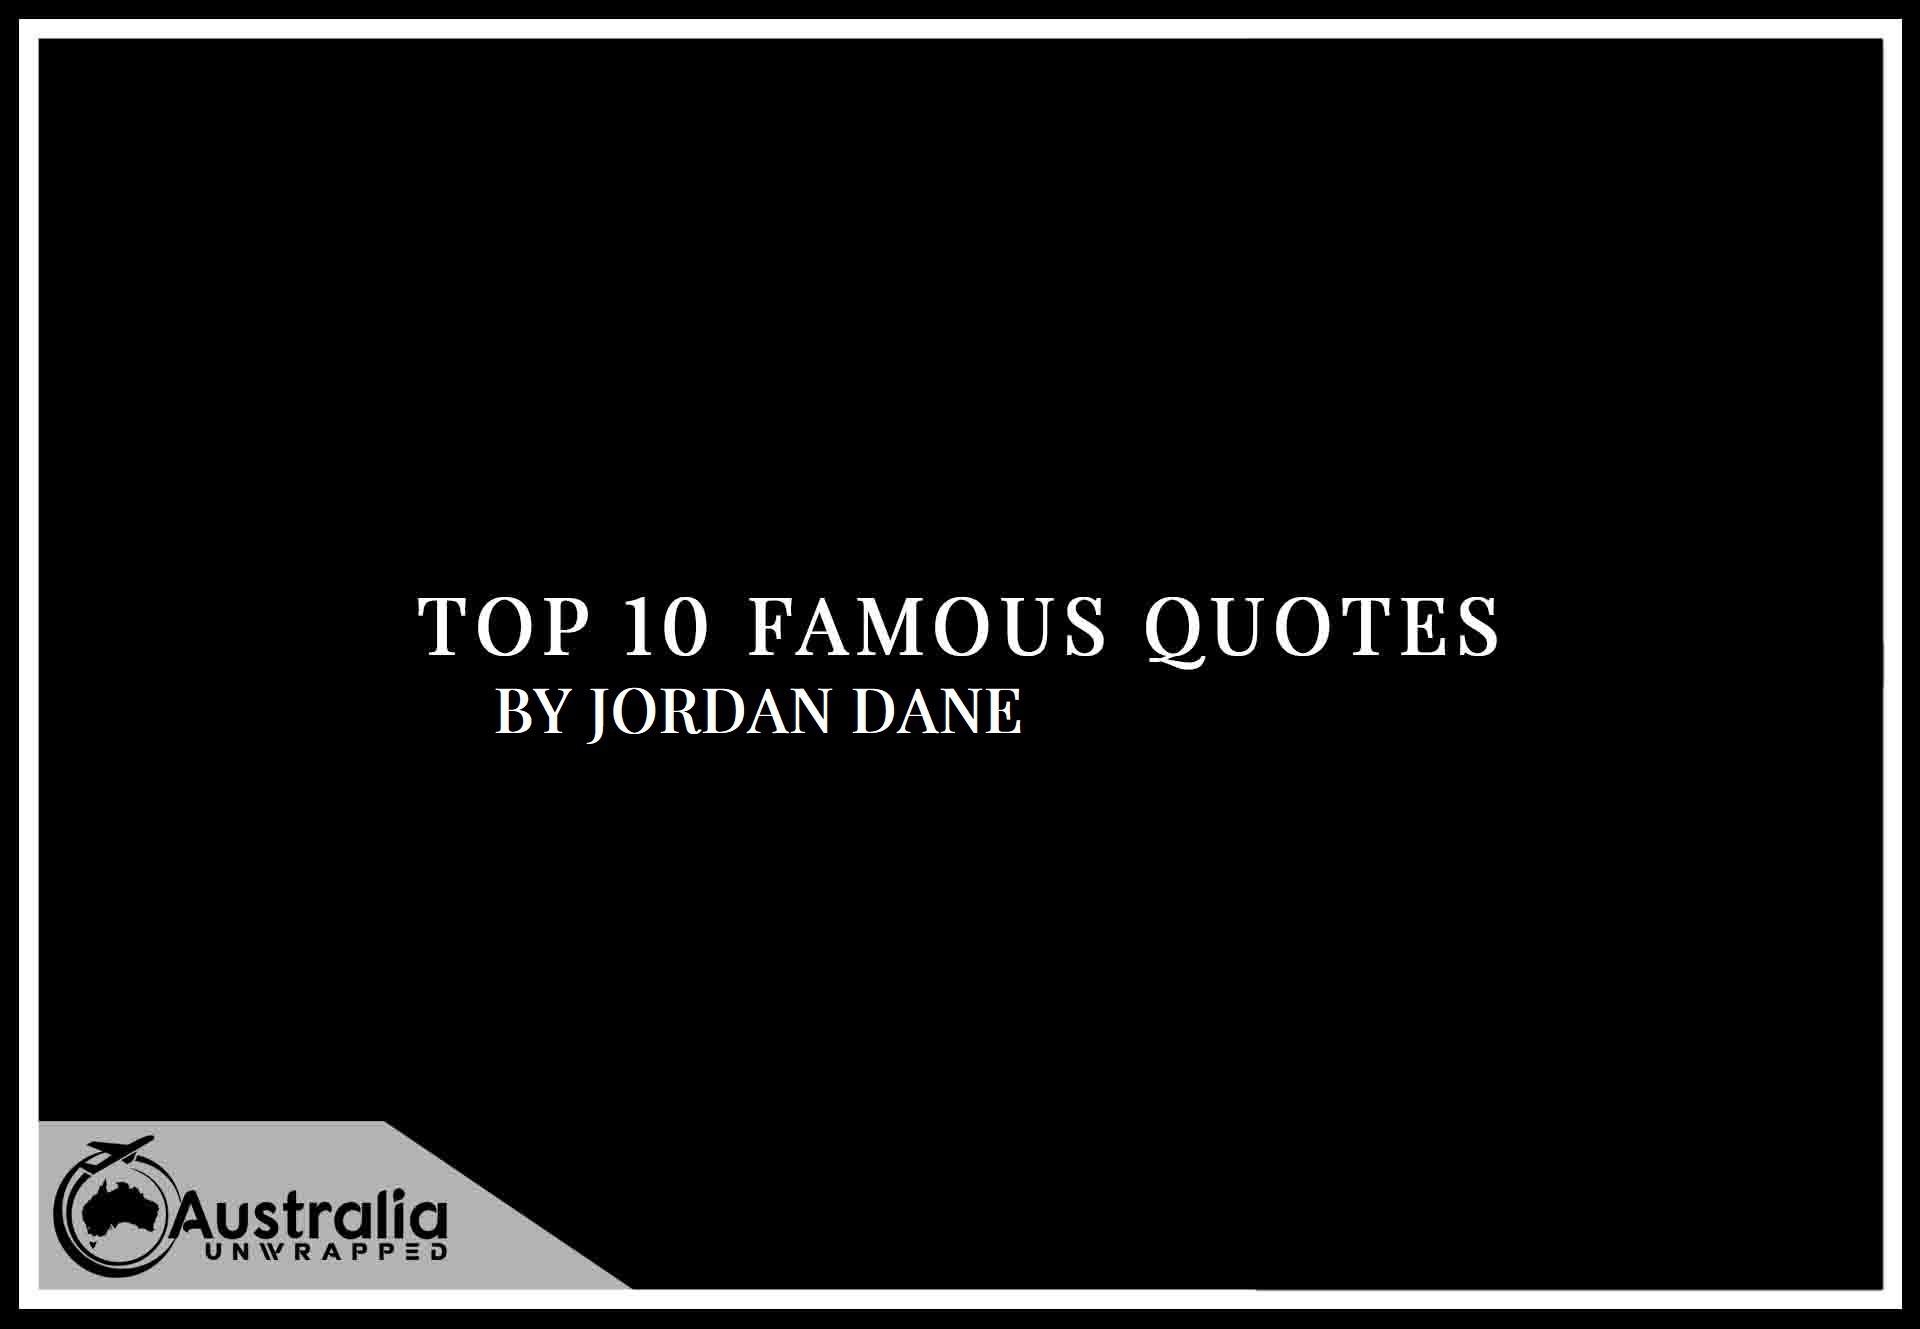 Top 10 Famous Quotes by Author Jordan Dane